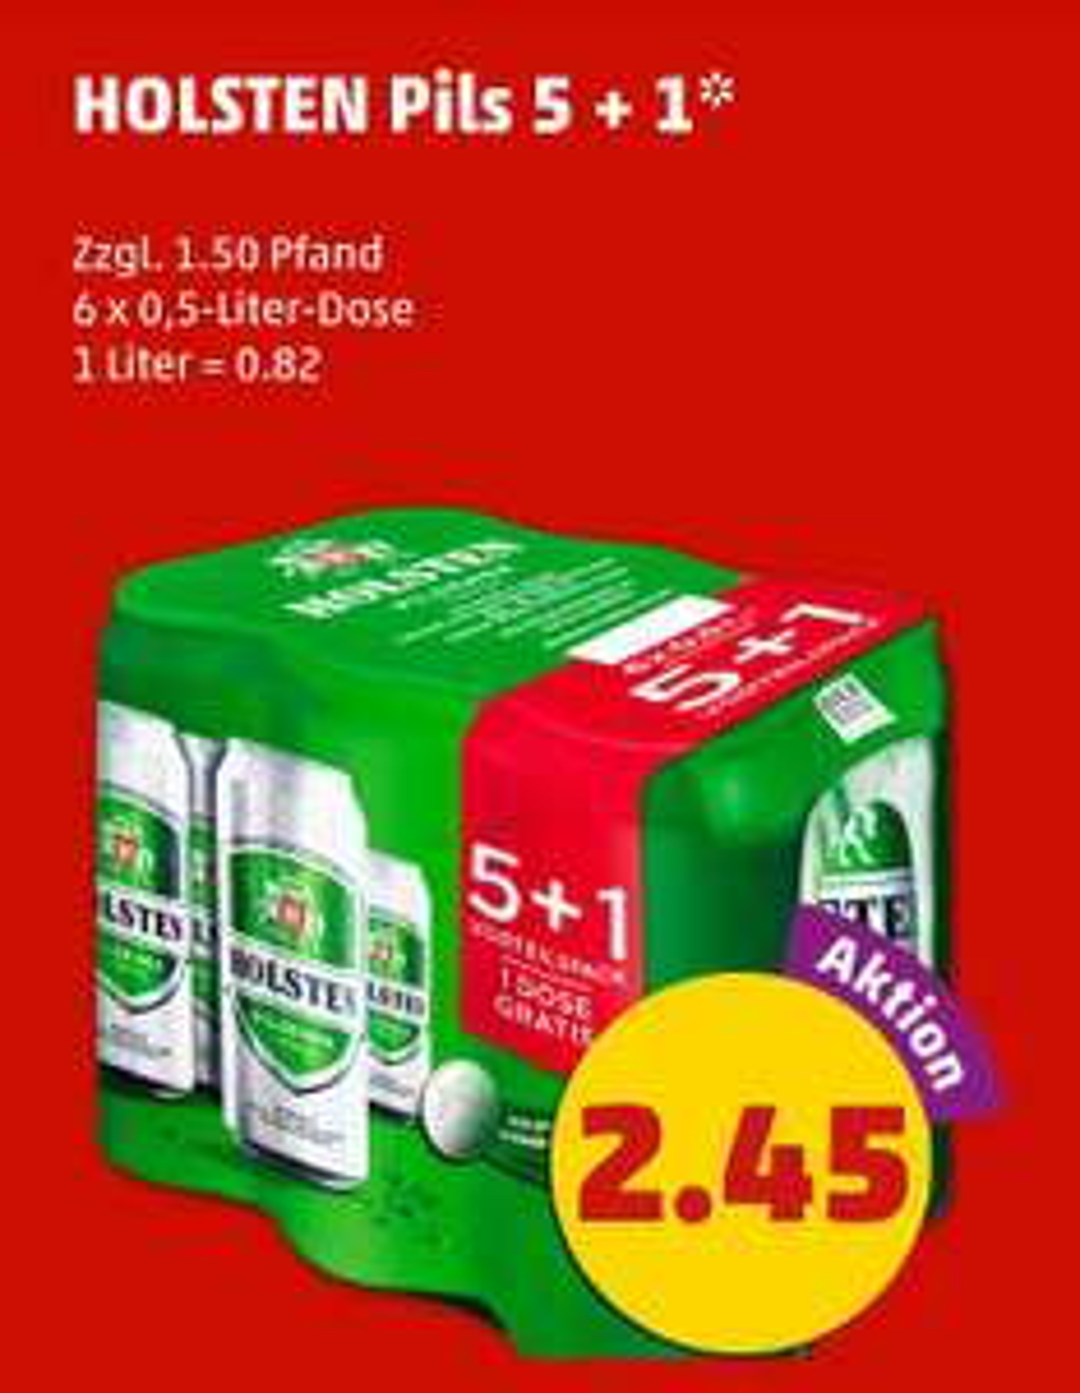 [Penny] Dosenbier! Sechserpack Holsten Pils 0,82€/l (am 5. Mai ab 18:00 Uhr für 0,72€/l möglich)